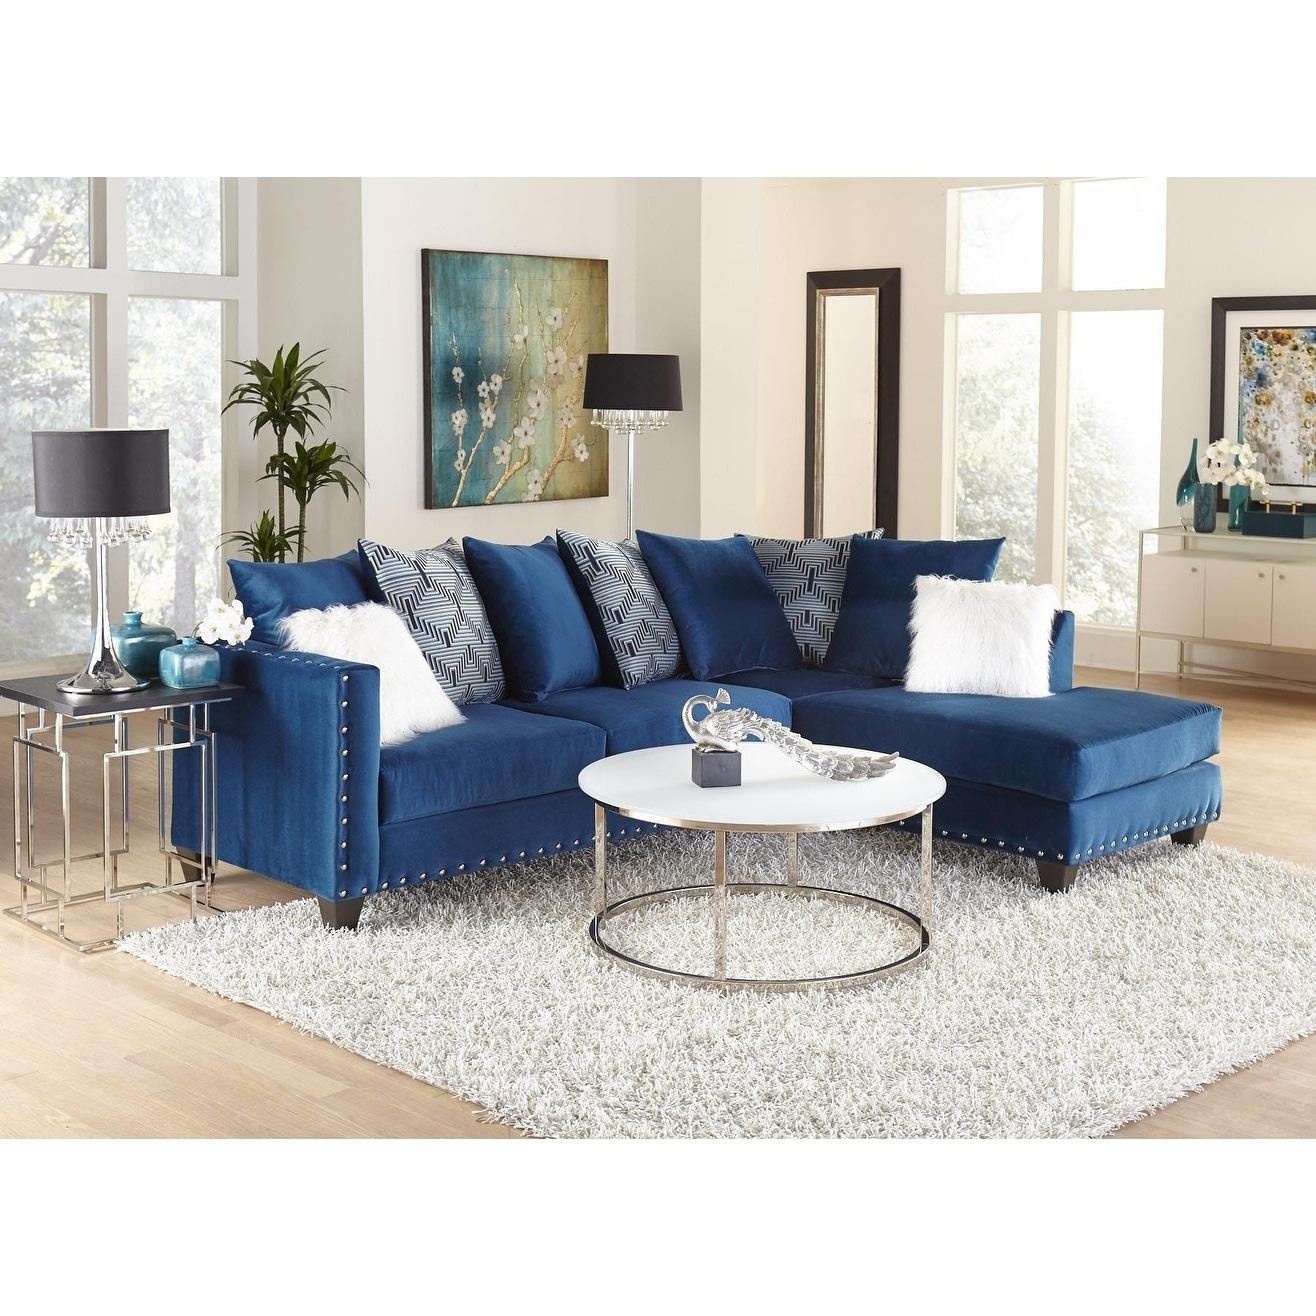 Sofatrendz Dakota Shire Blue